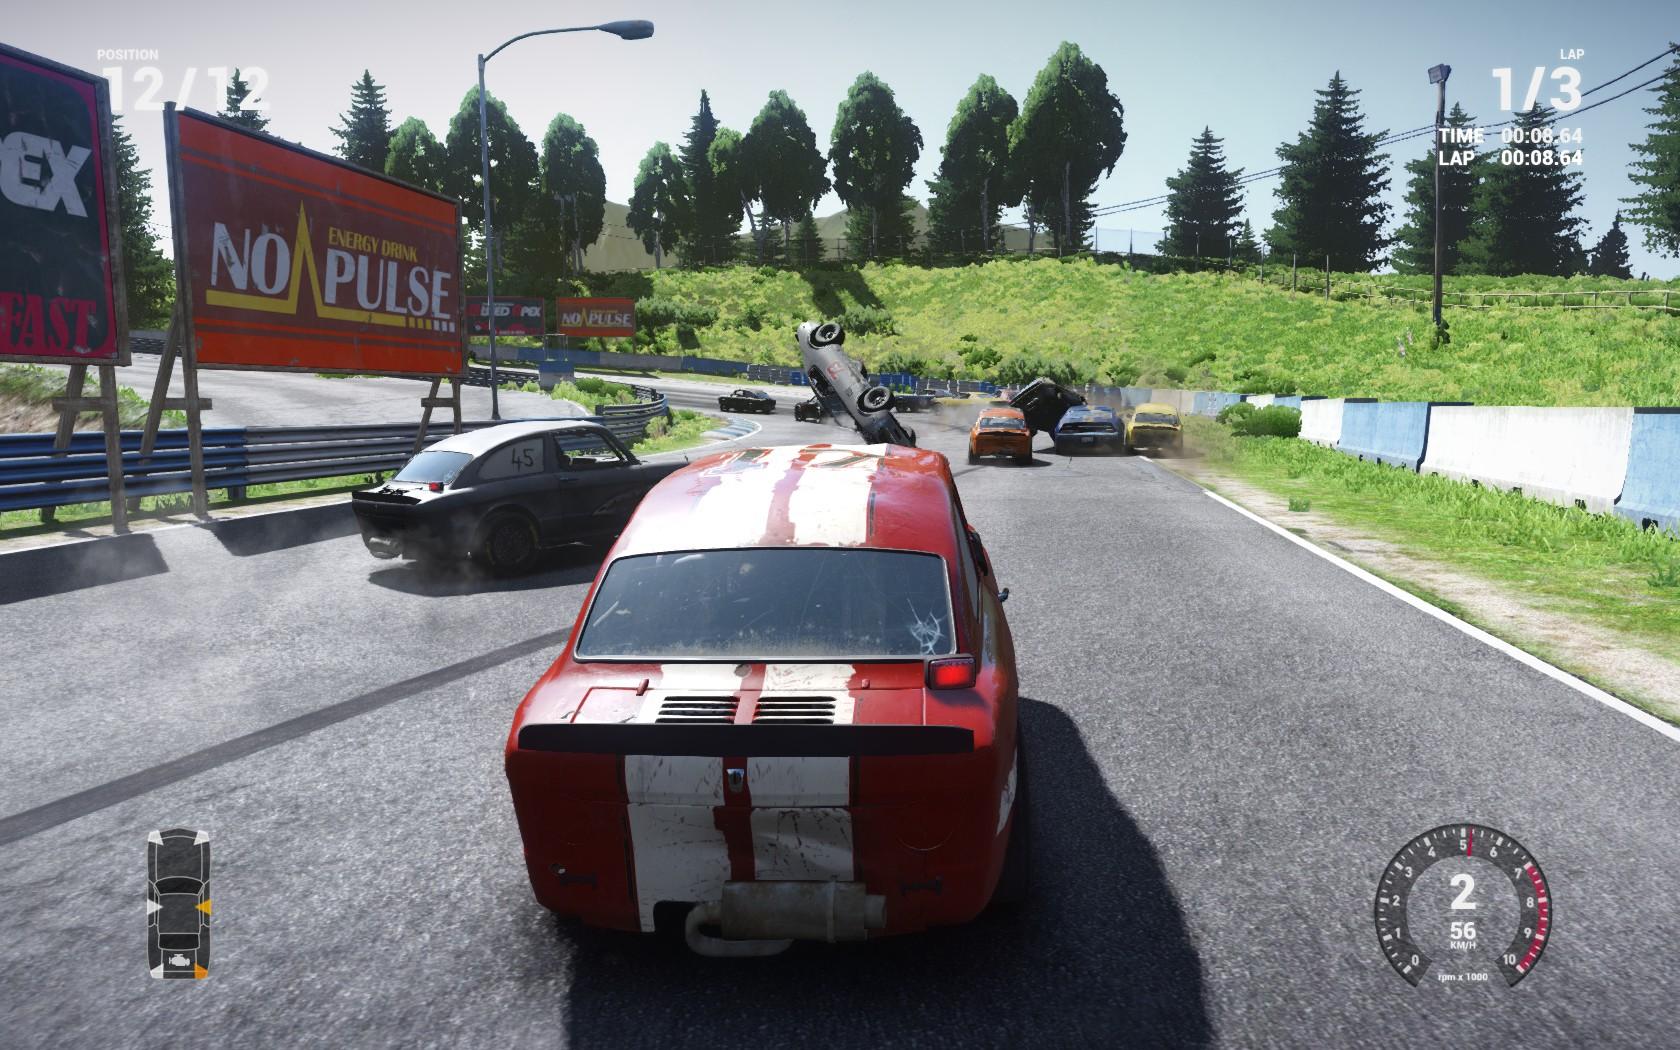 Next Car Game - dojmy z pre-alpha verze nelítostného závodění 91766